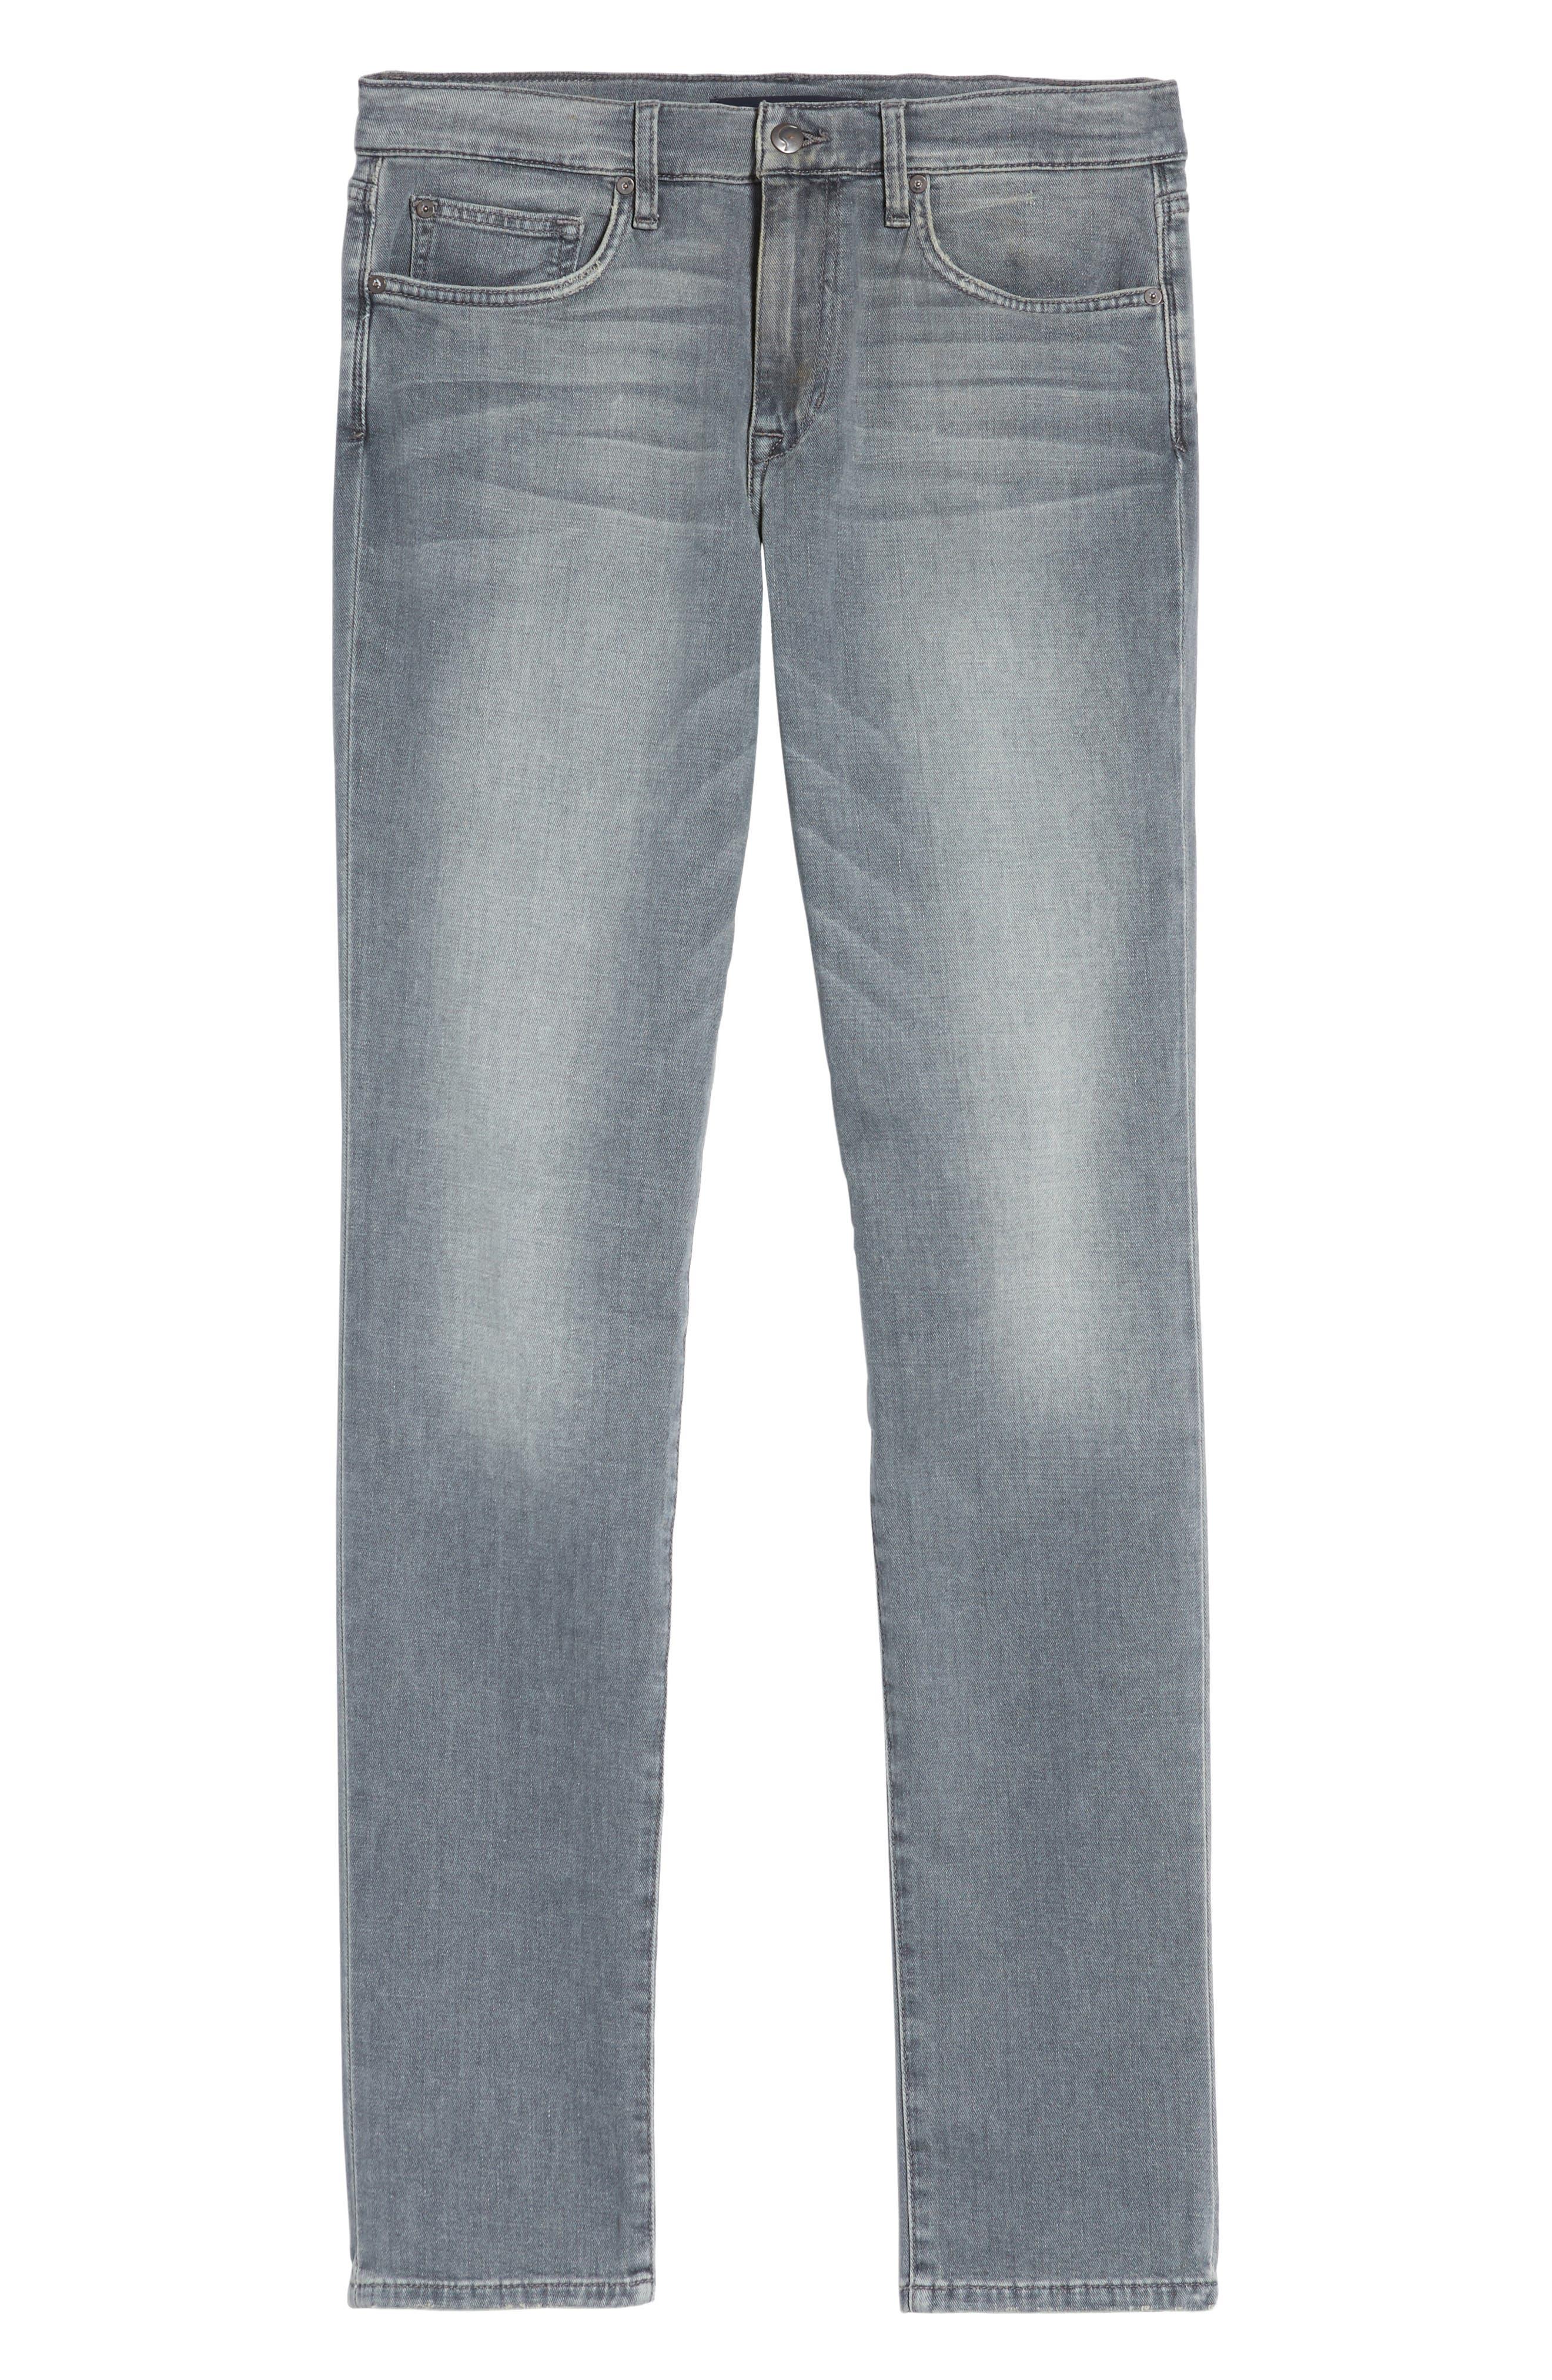 Slim Fit Jeans,                             Alternate thumbnail 6, color,                             060